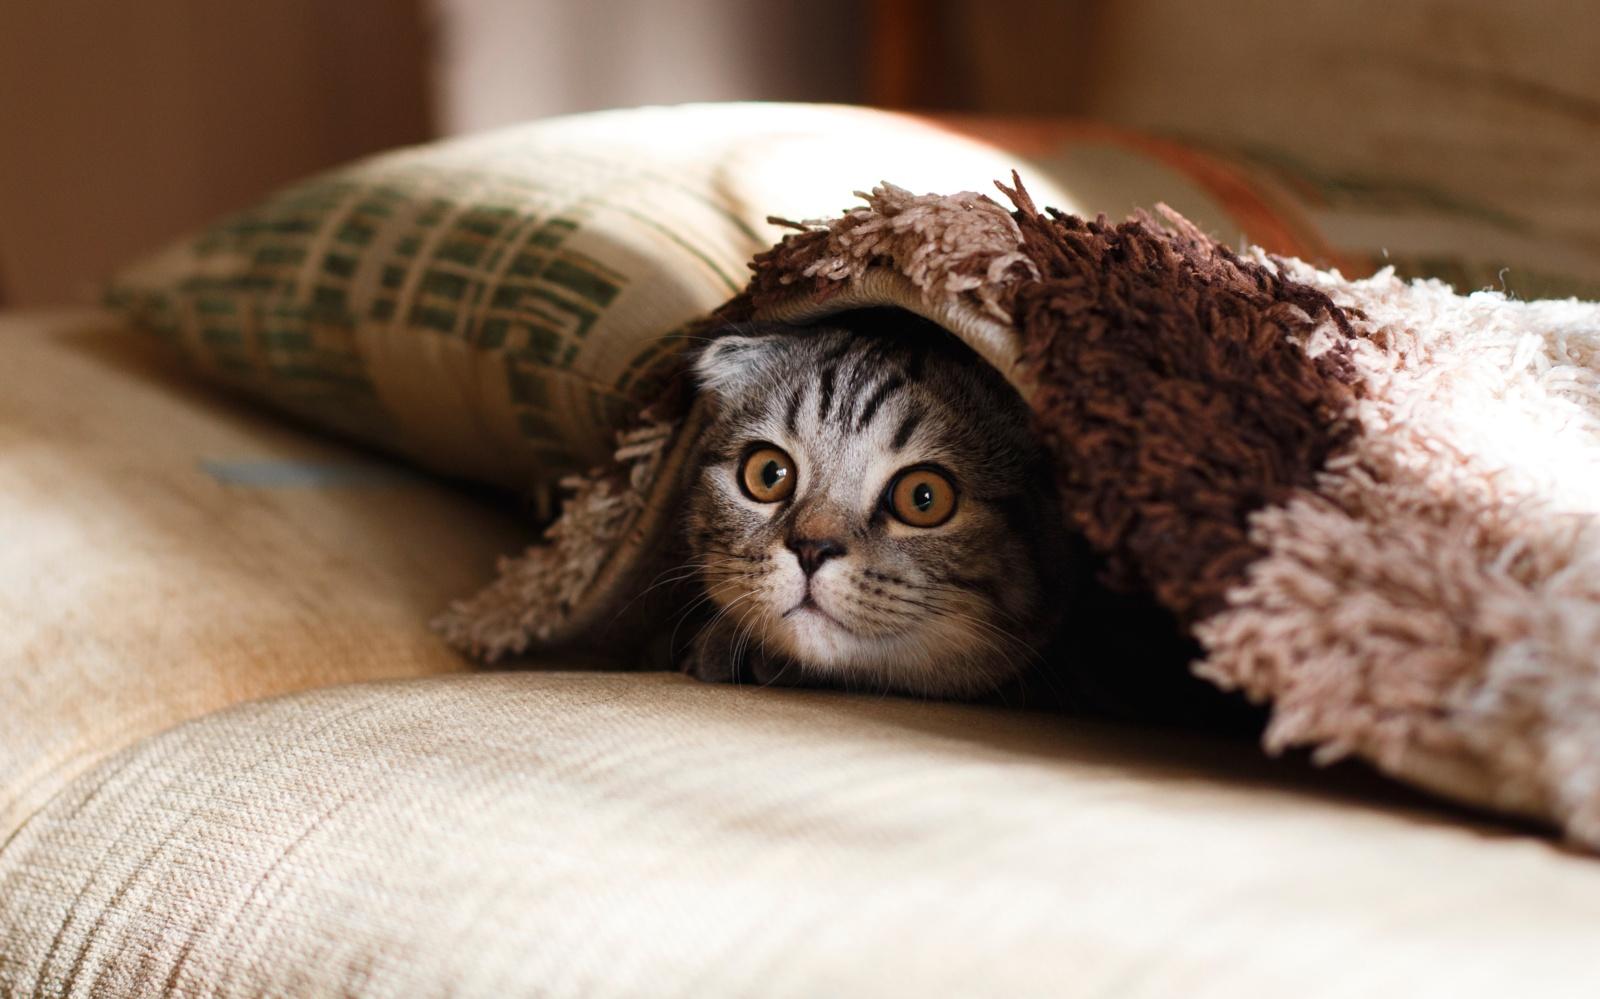 Kodėl katės mėgsta gulėti ir sėdėti ant įvairiausių daiktų?